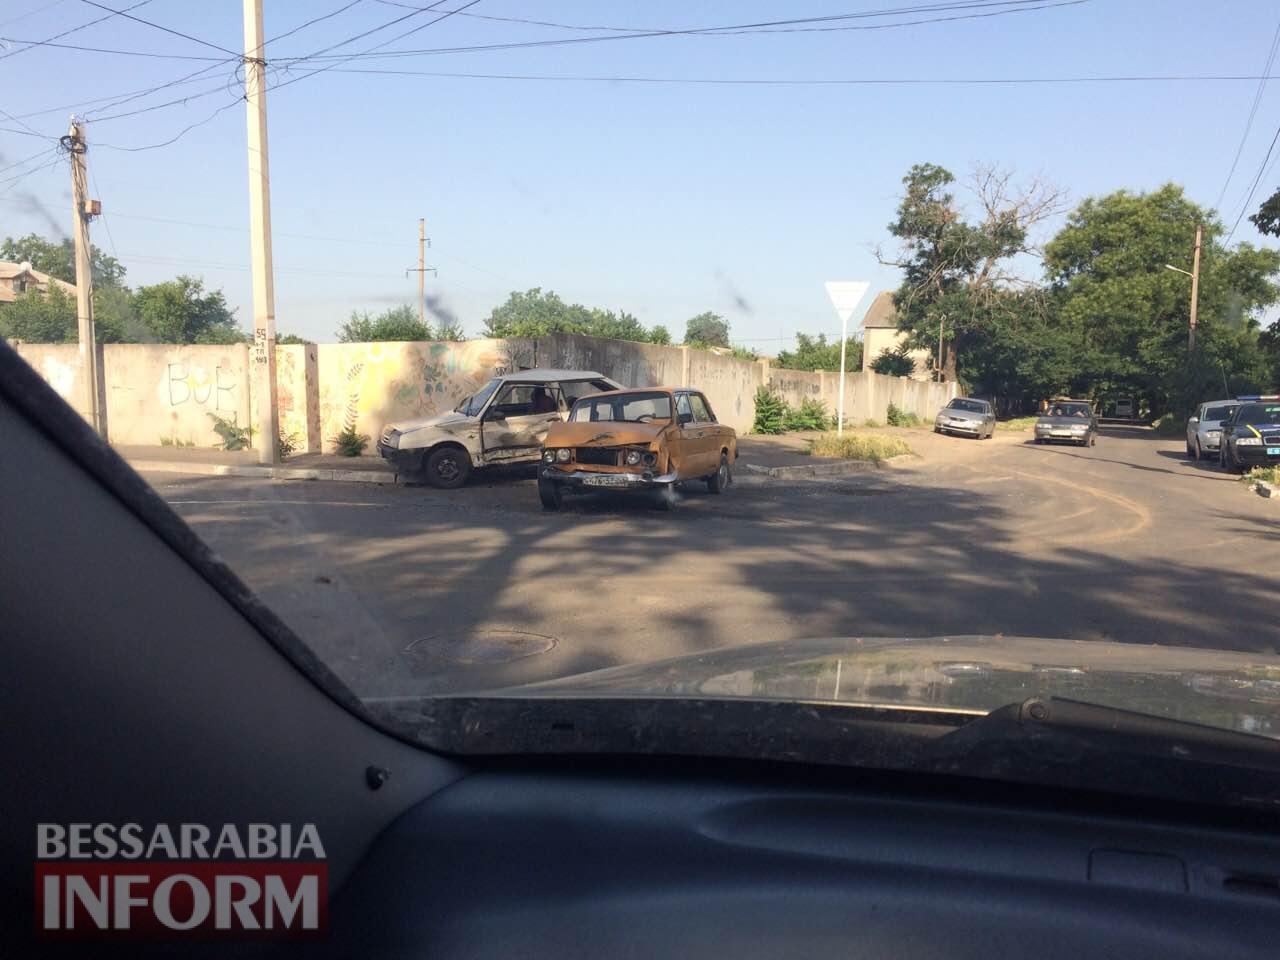 59574dbb89a20_viber-image Утренние ДТП: в Измаиле столкнулись два ВАЗа, а в Килии сбили велосипедистку